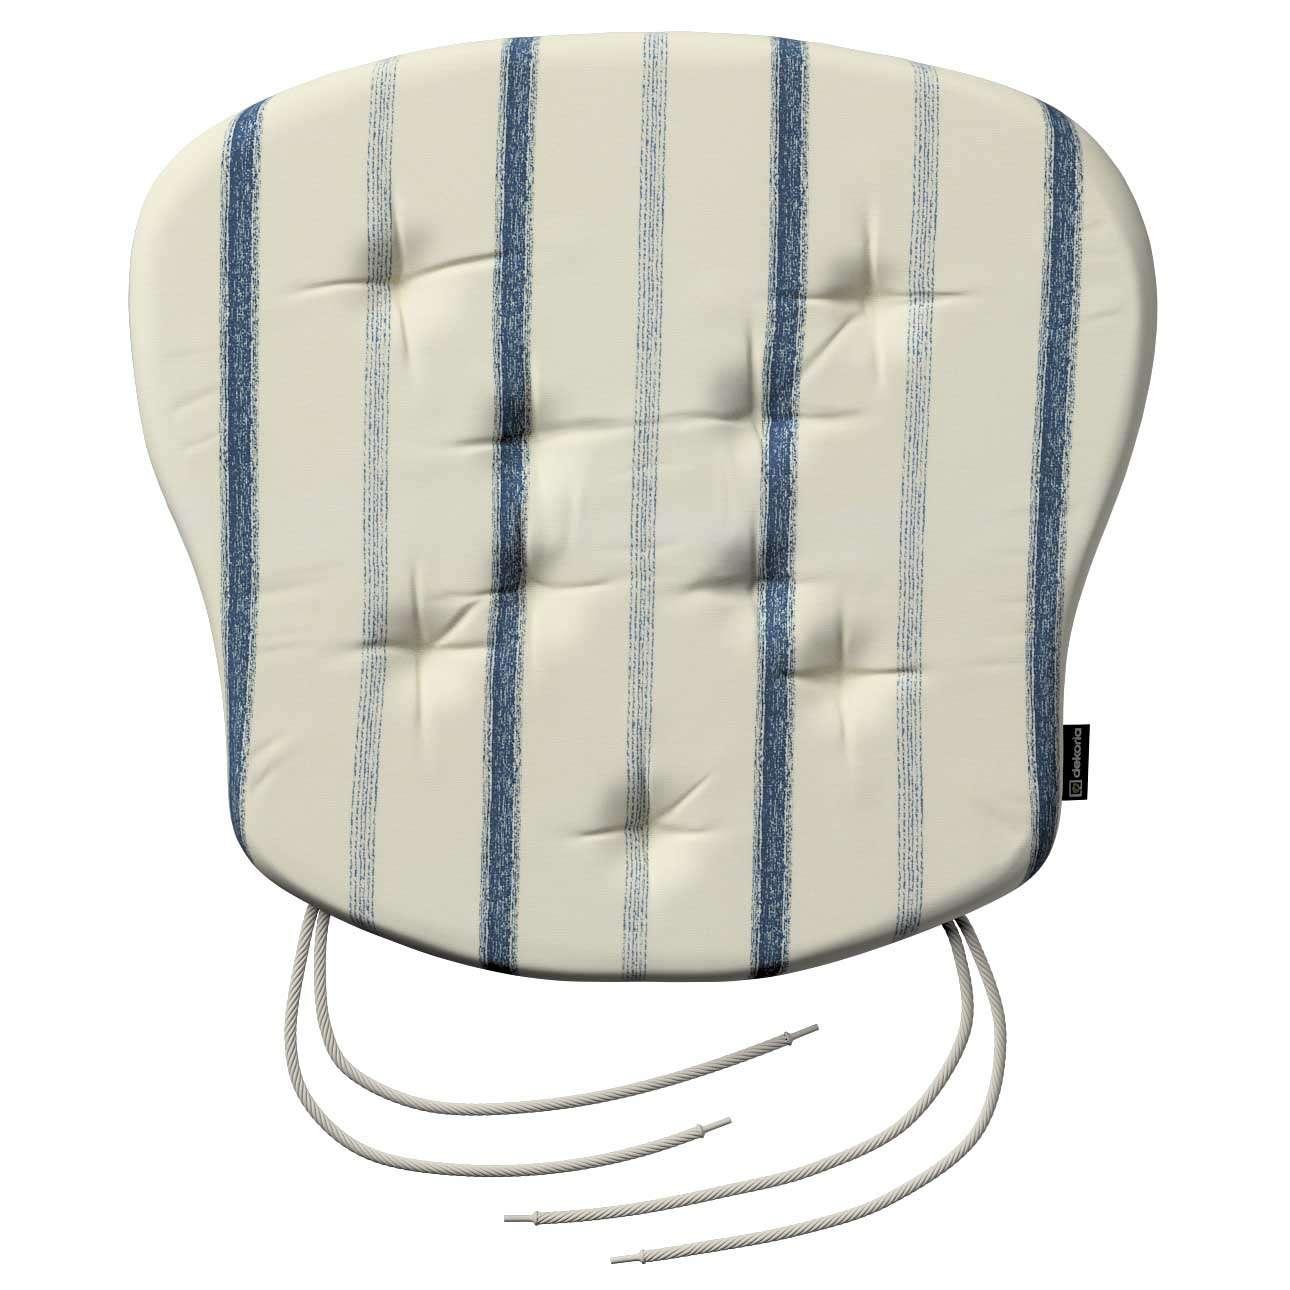 Siedzisko Filip na krzesło 41x38x3,5 cm w kolekcji Avinon, tkanina: 129-66